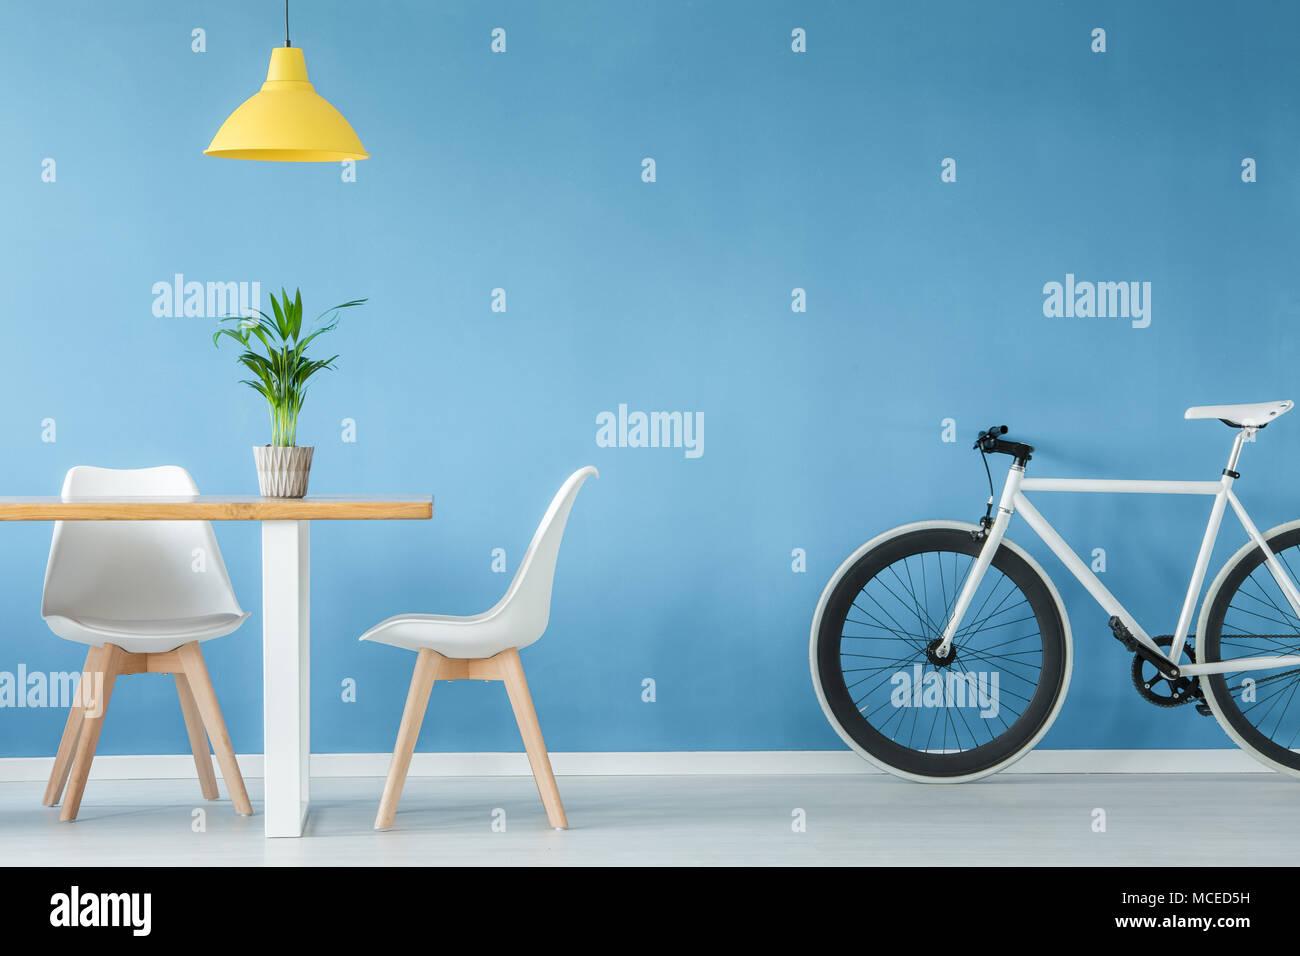 Un minimum, l'intérieur est moderne avec deux chaises, un vélo, une table avec une plante et une lampe jaune ci-dessus, contre mur bleu Photo Stock